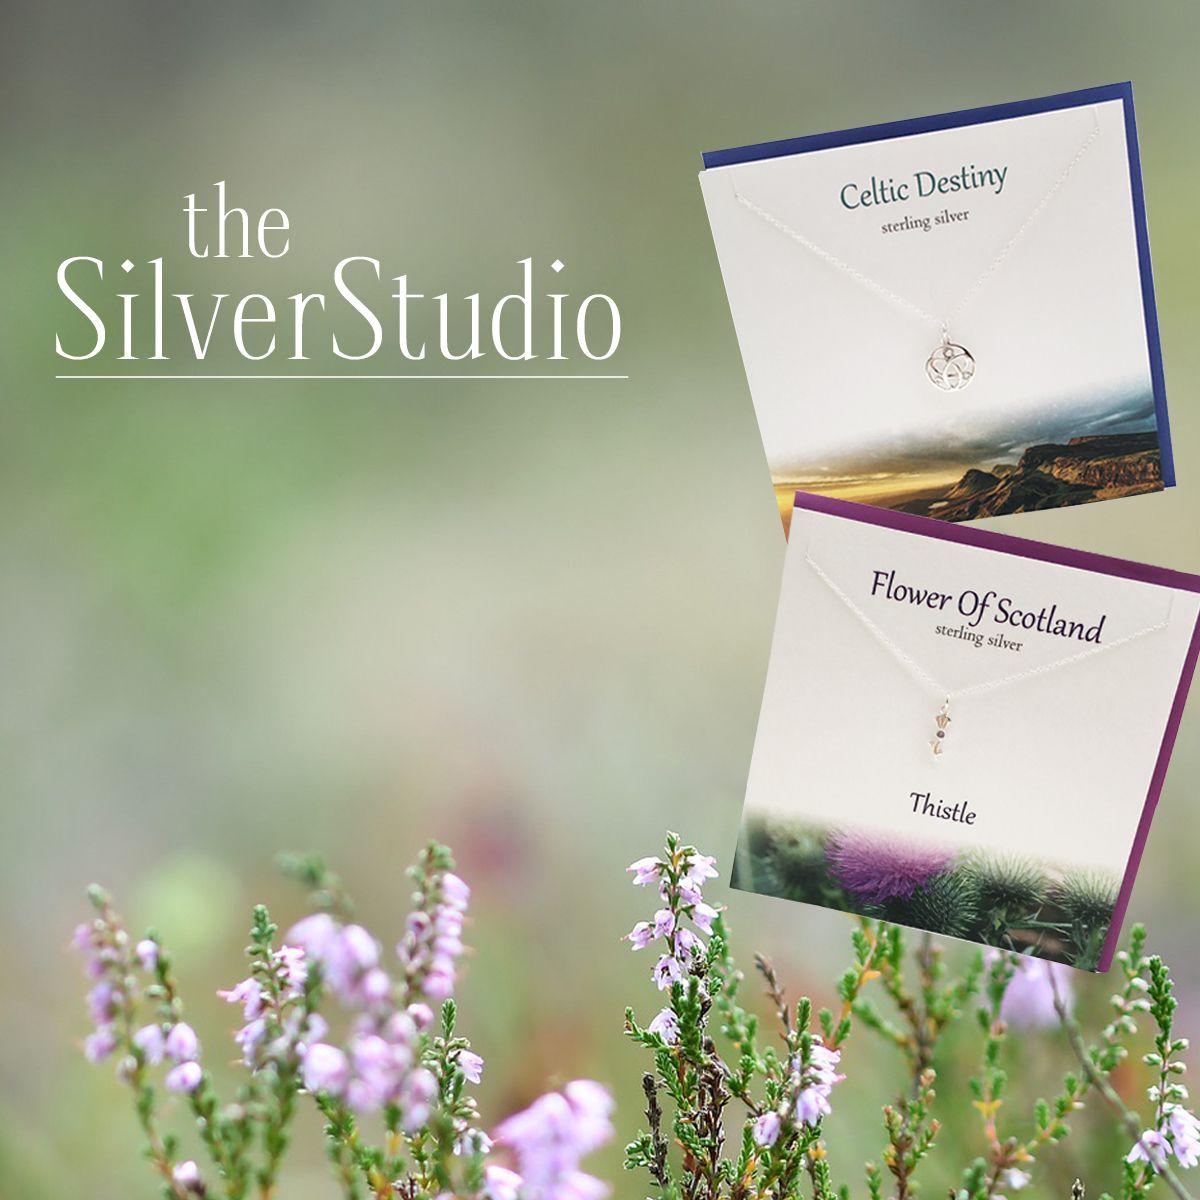 The Silver Studio